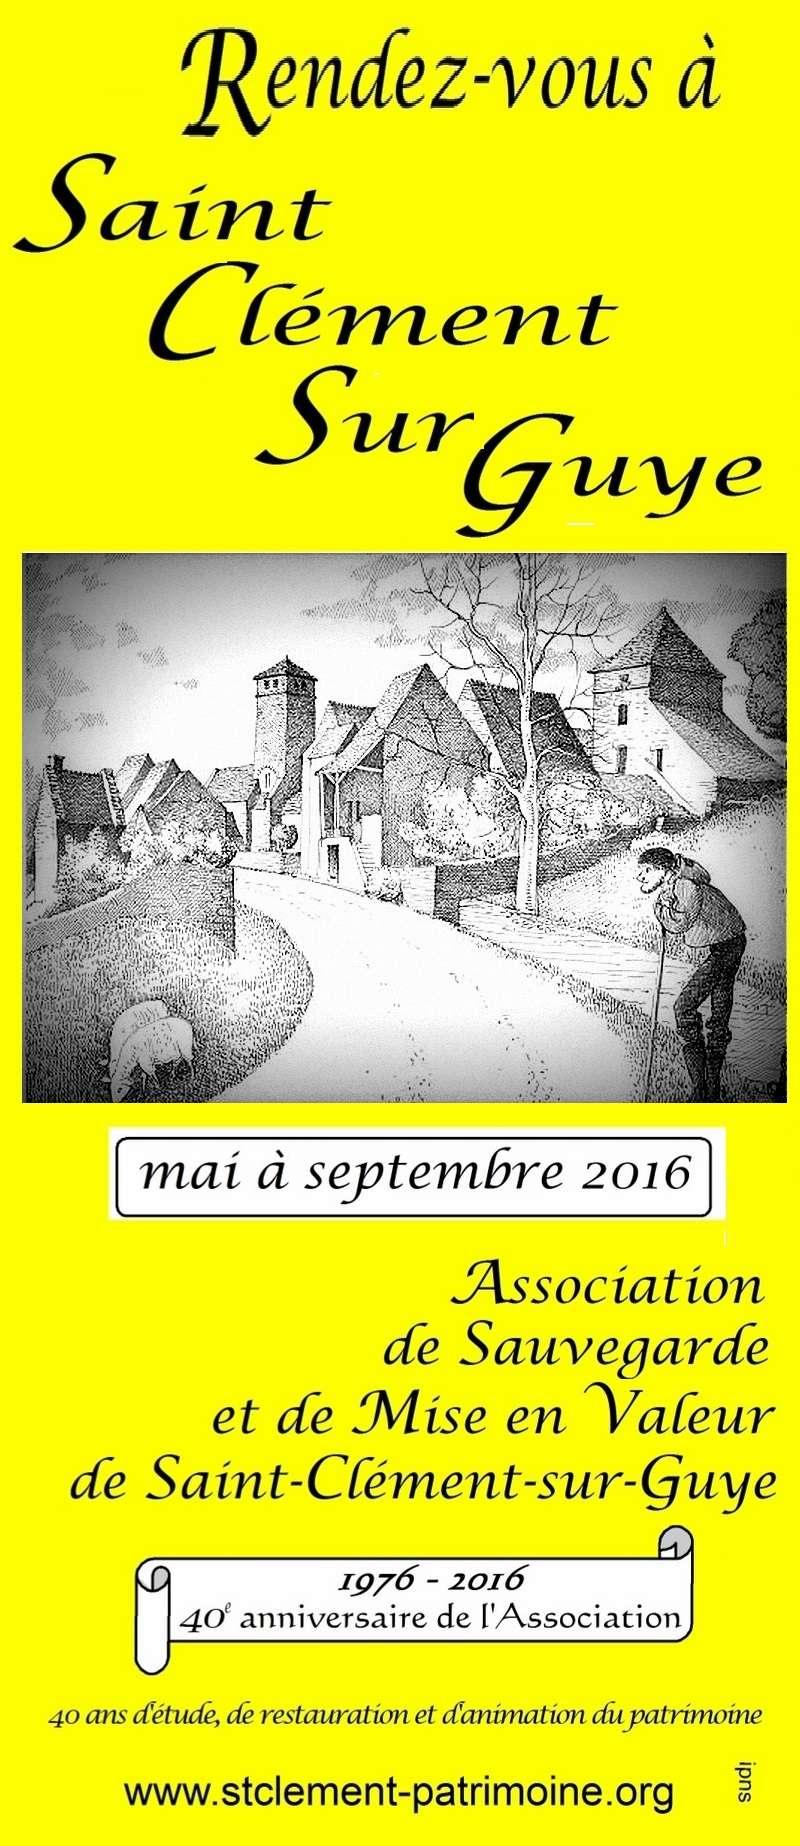 Animation mai à septembre 2016 Association de sauvegarde et de mise en valeur de Saint-Clément-sur-Guye. Rdv_co11